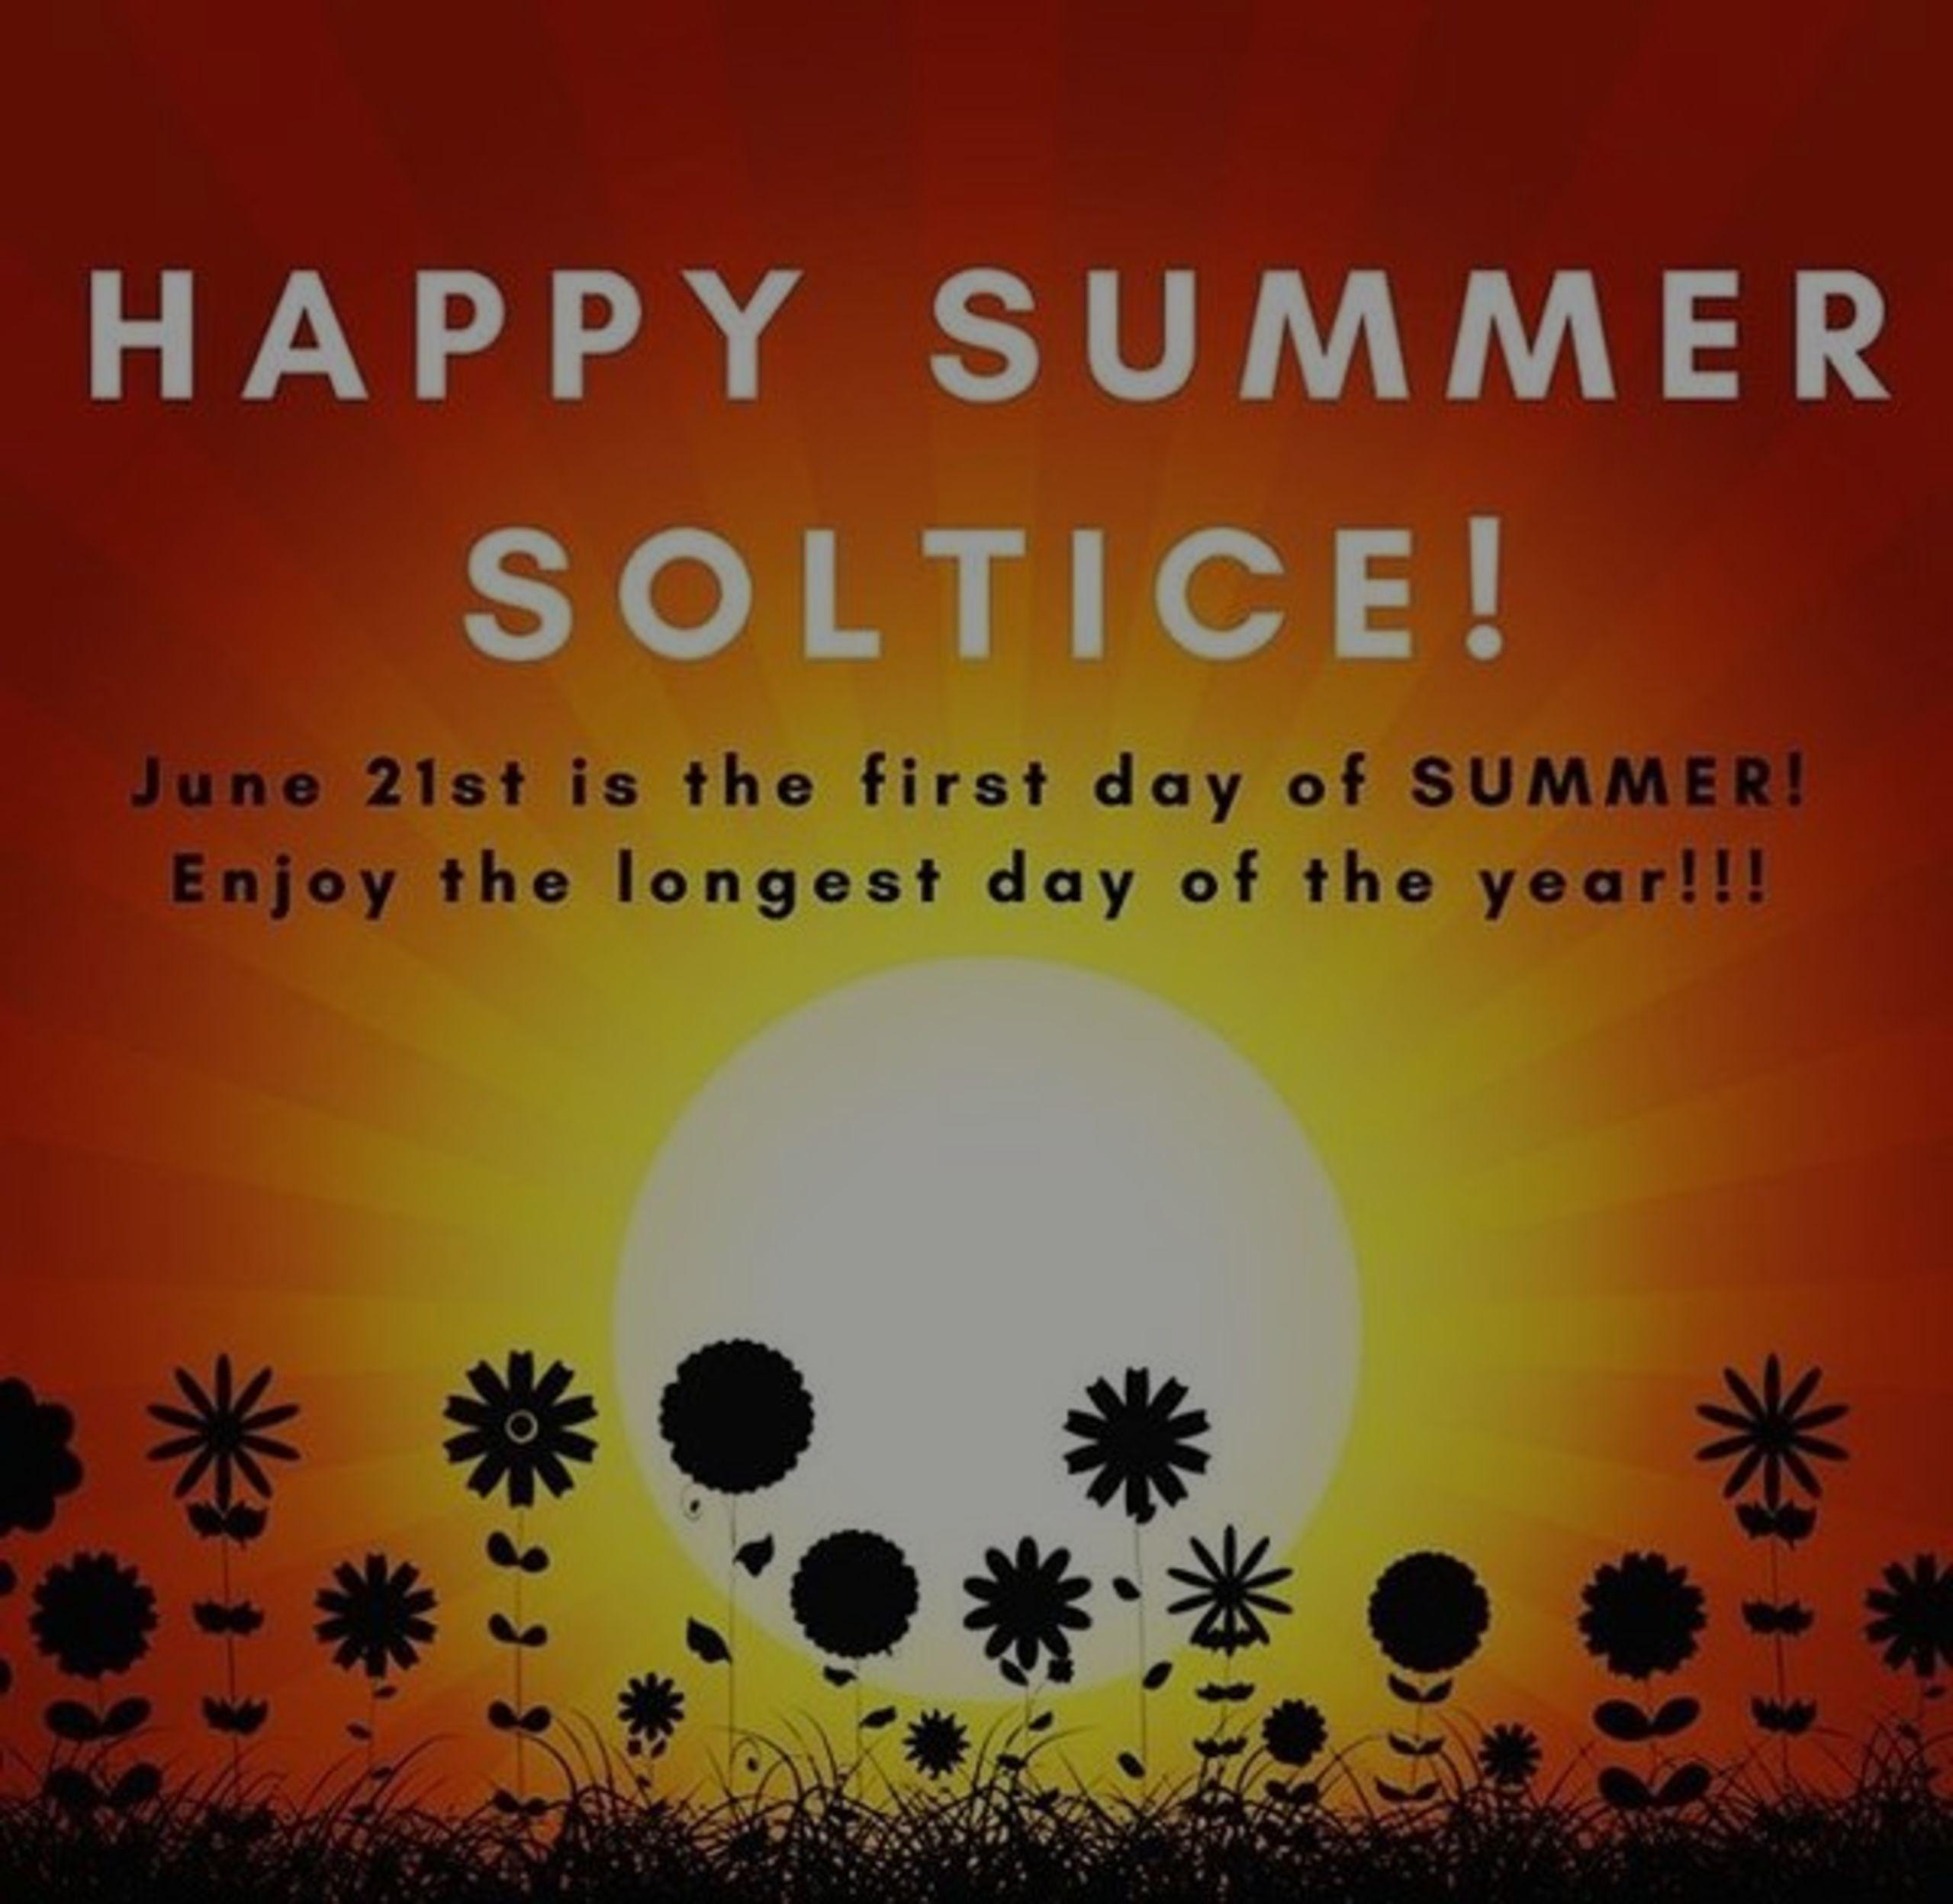 Happy Summer From The Tammy Mrotek Team!